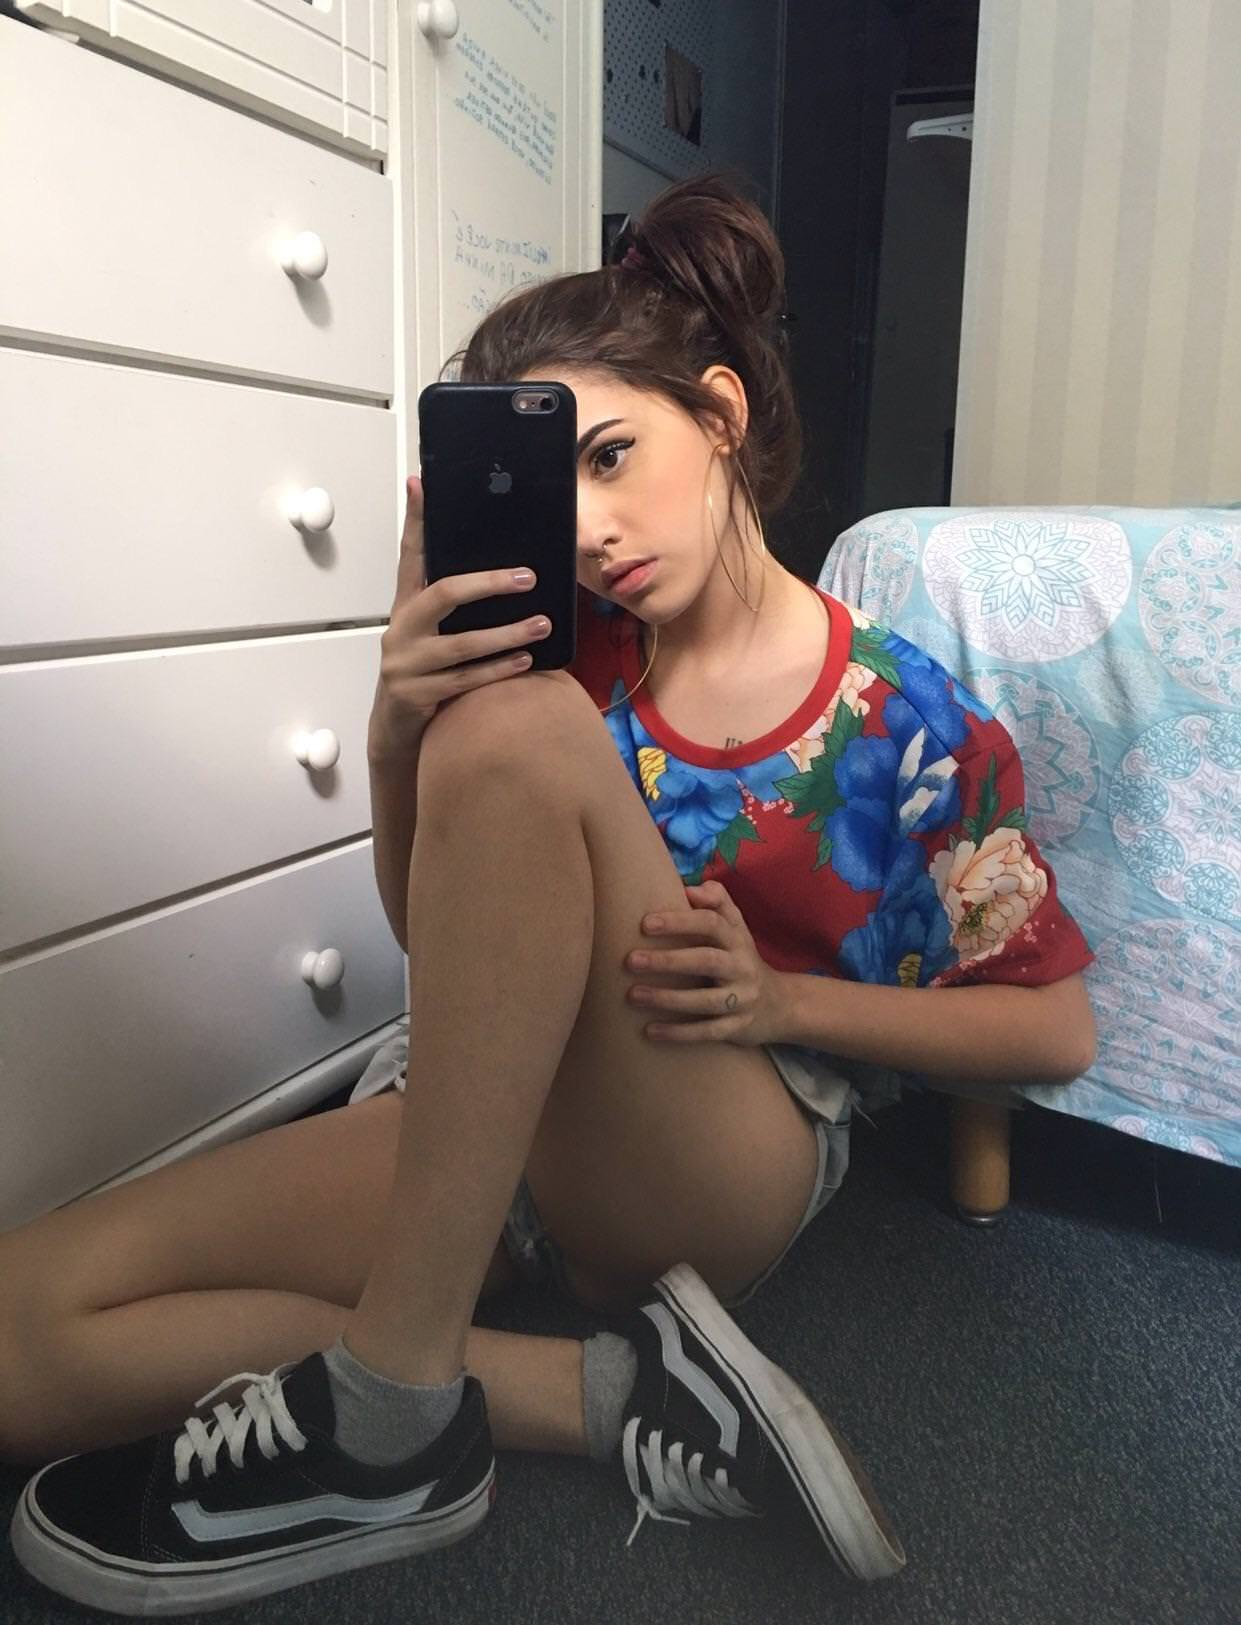 lil porn